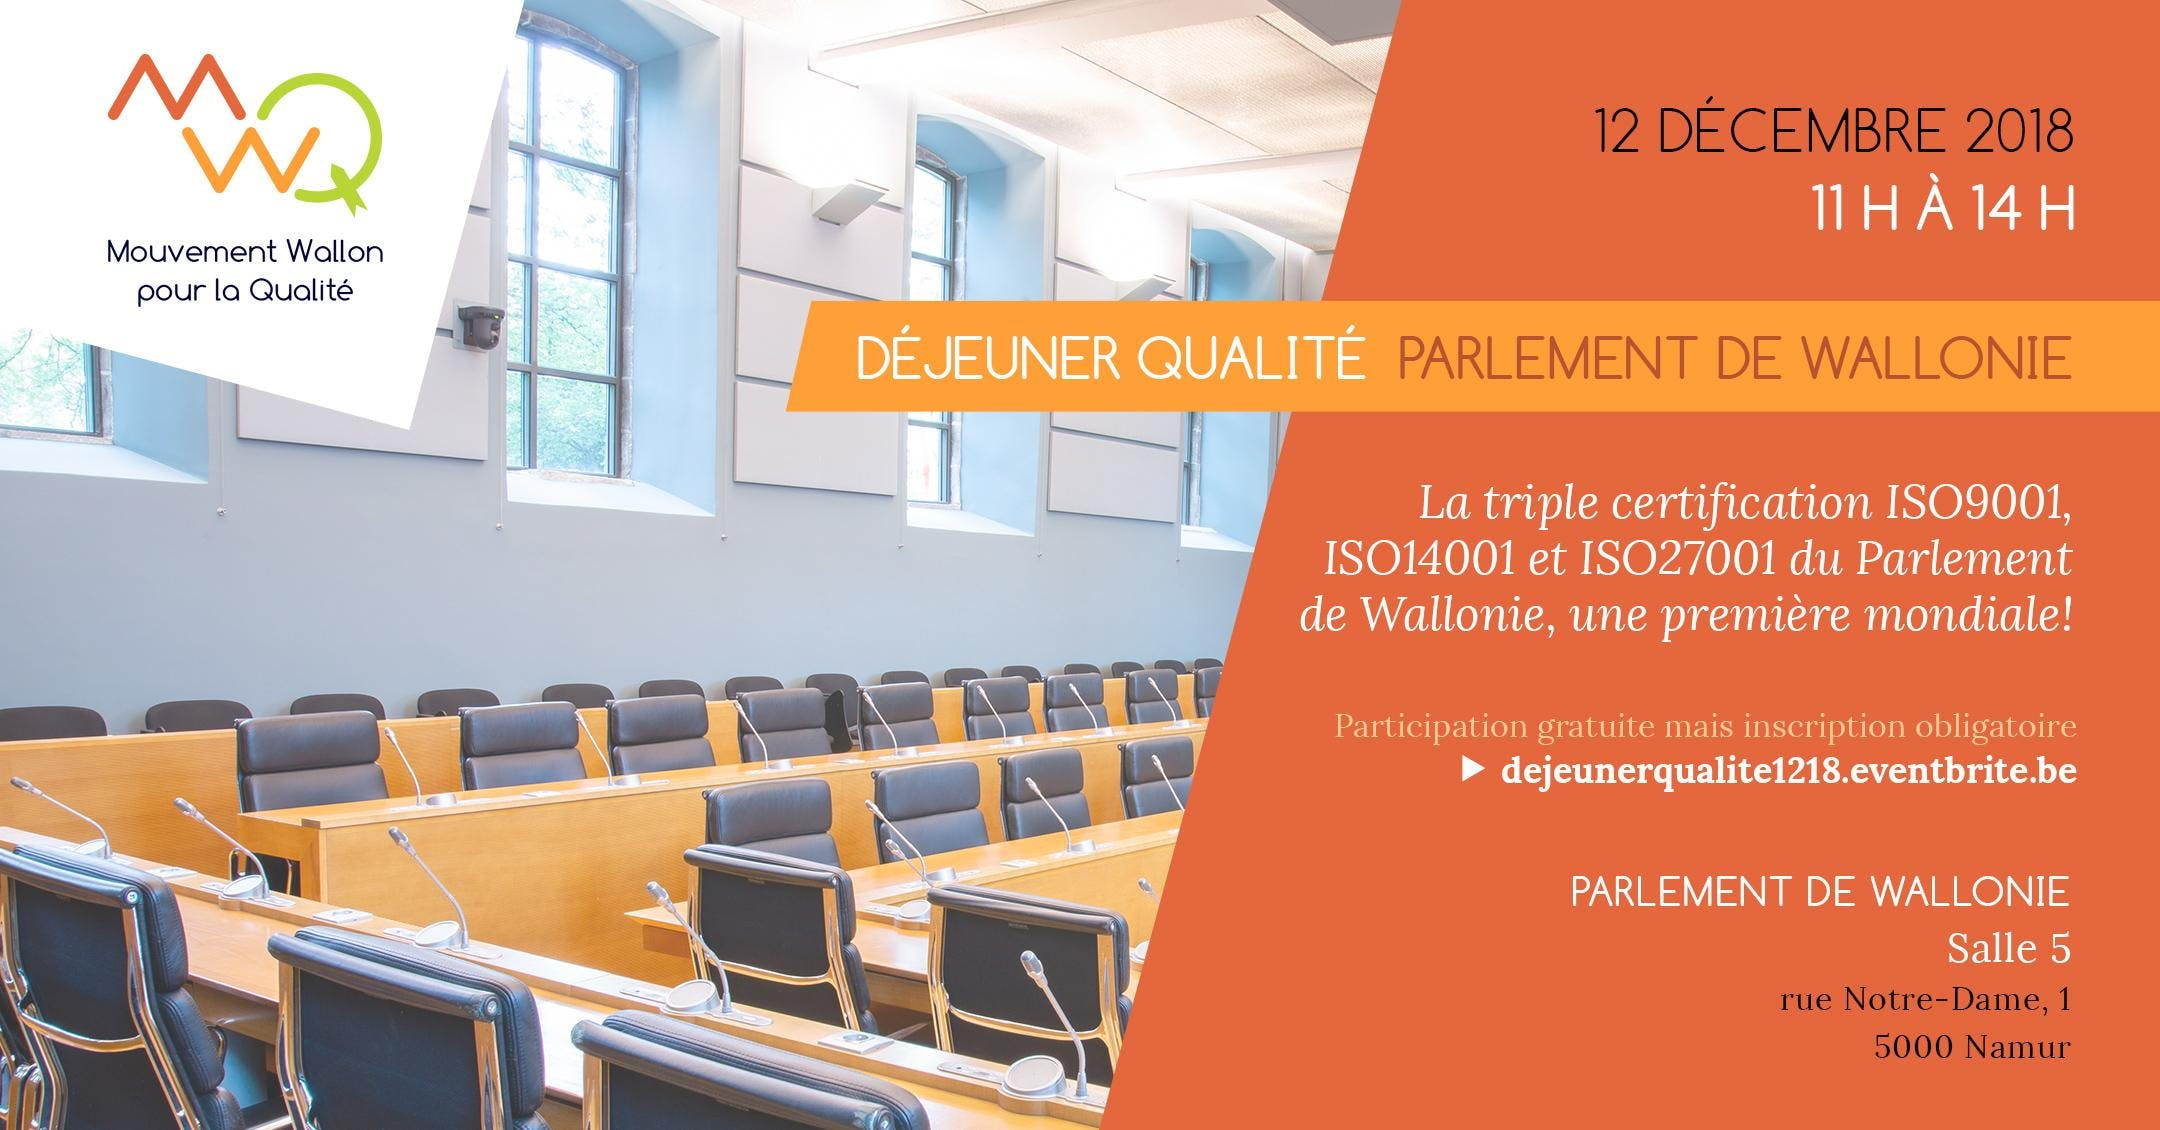 Déjeuner Qualité: Parlement de Wallonie